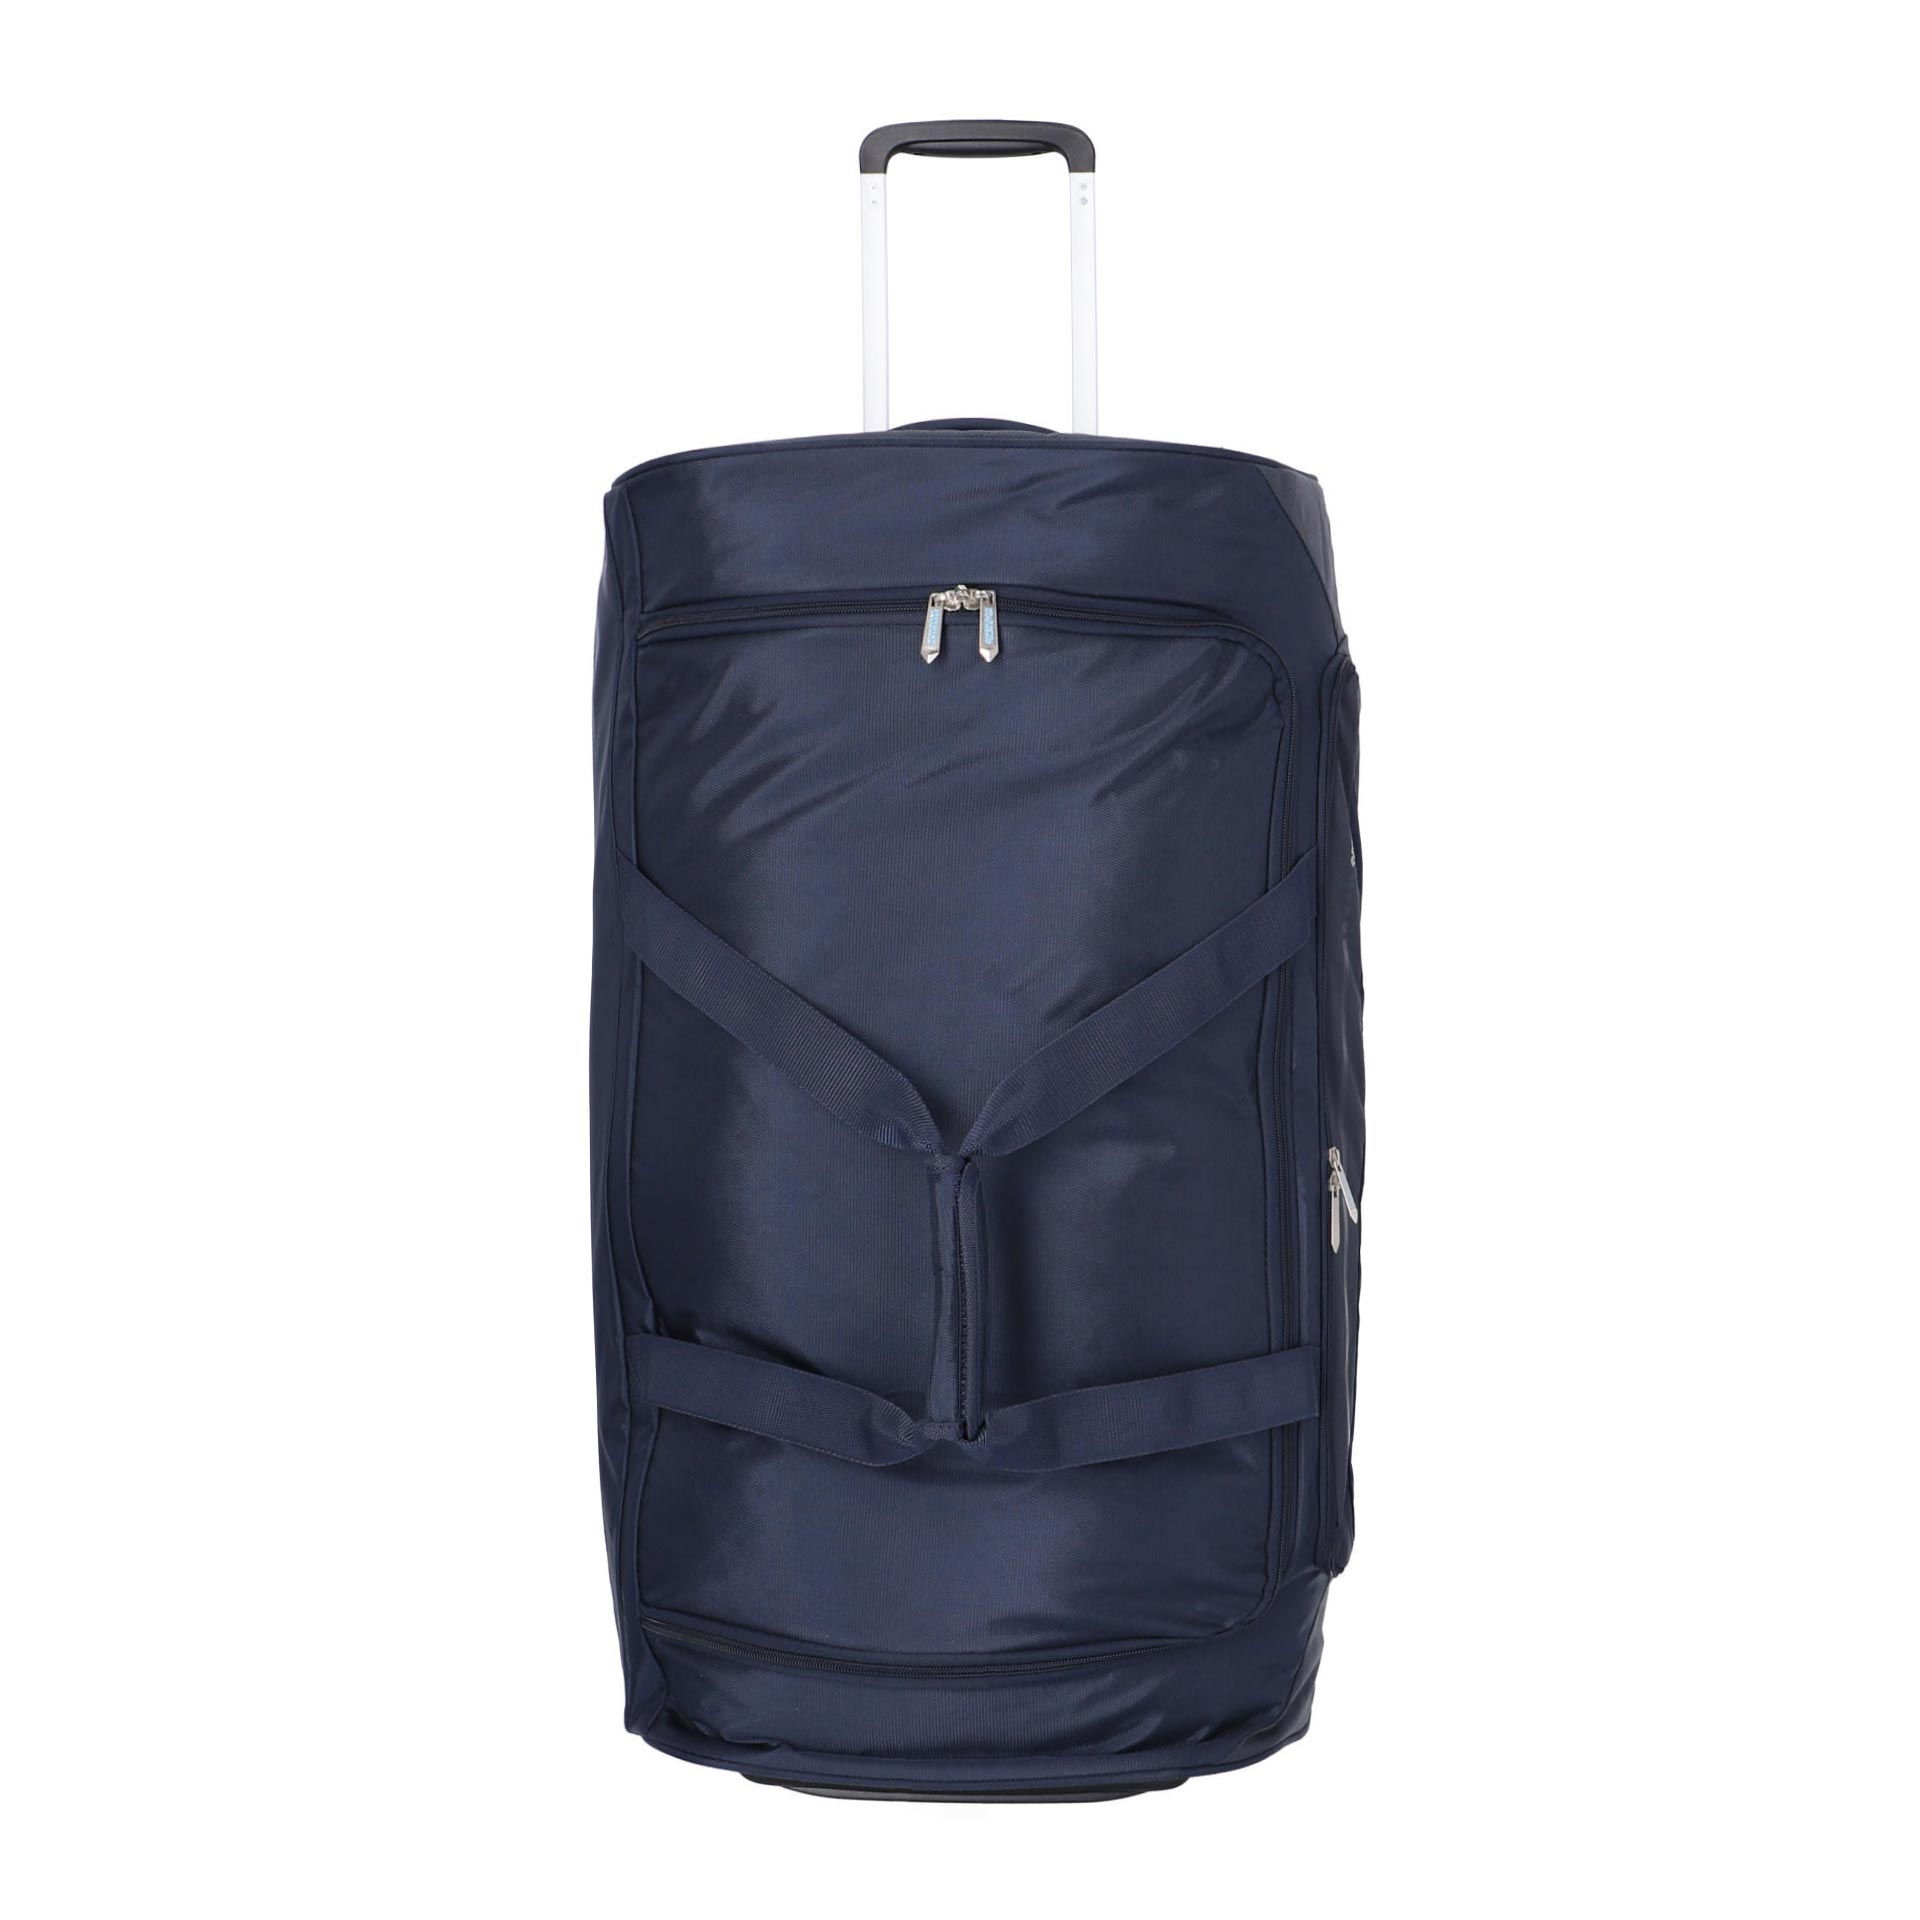 American Tourister Summerfunk Reisetasche mit Rollen 80cm navy